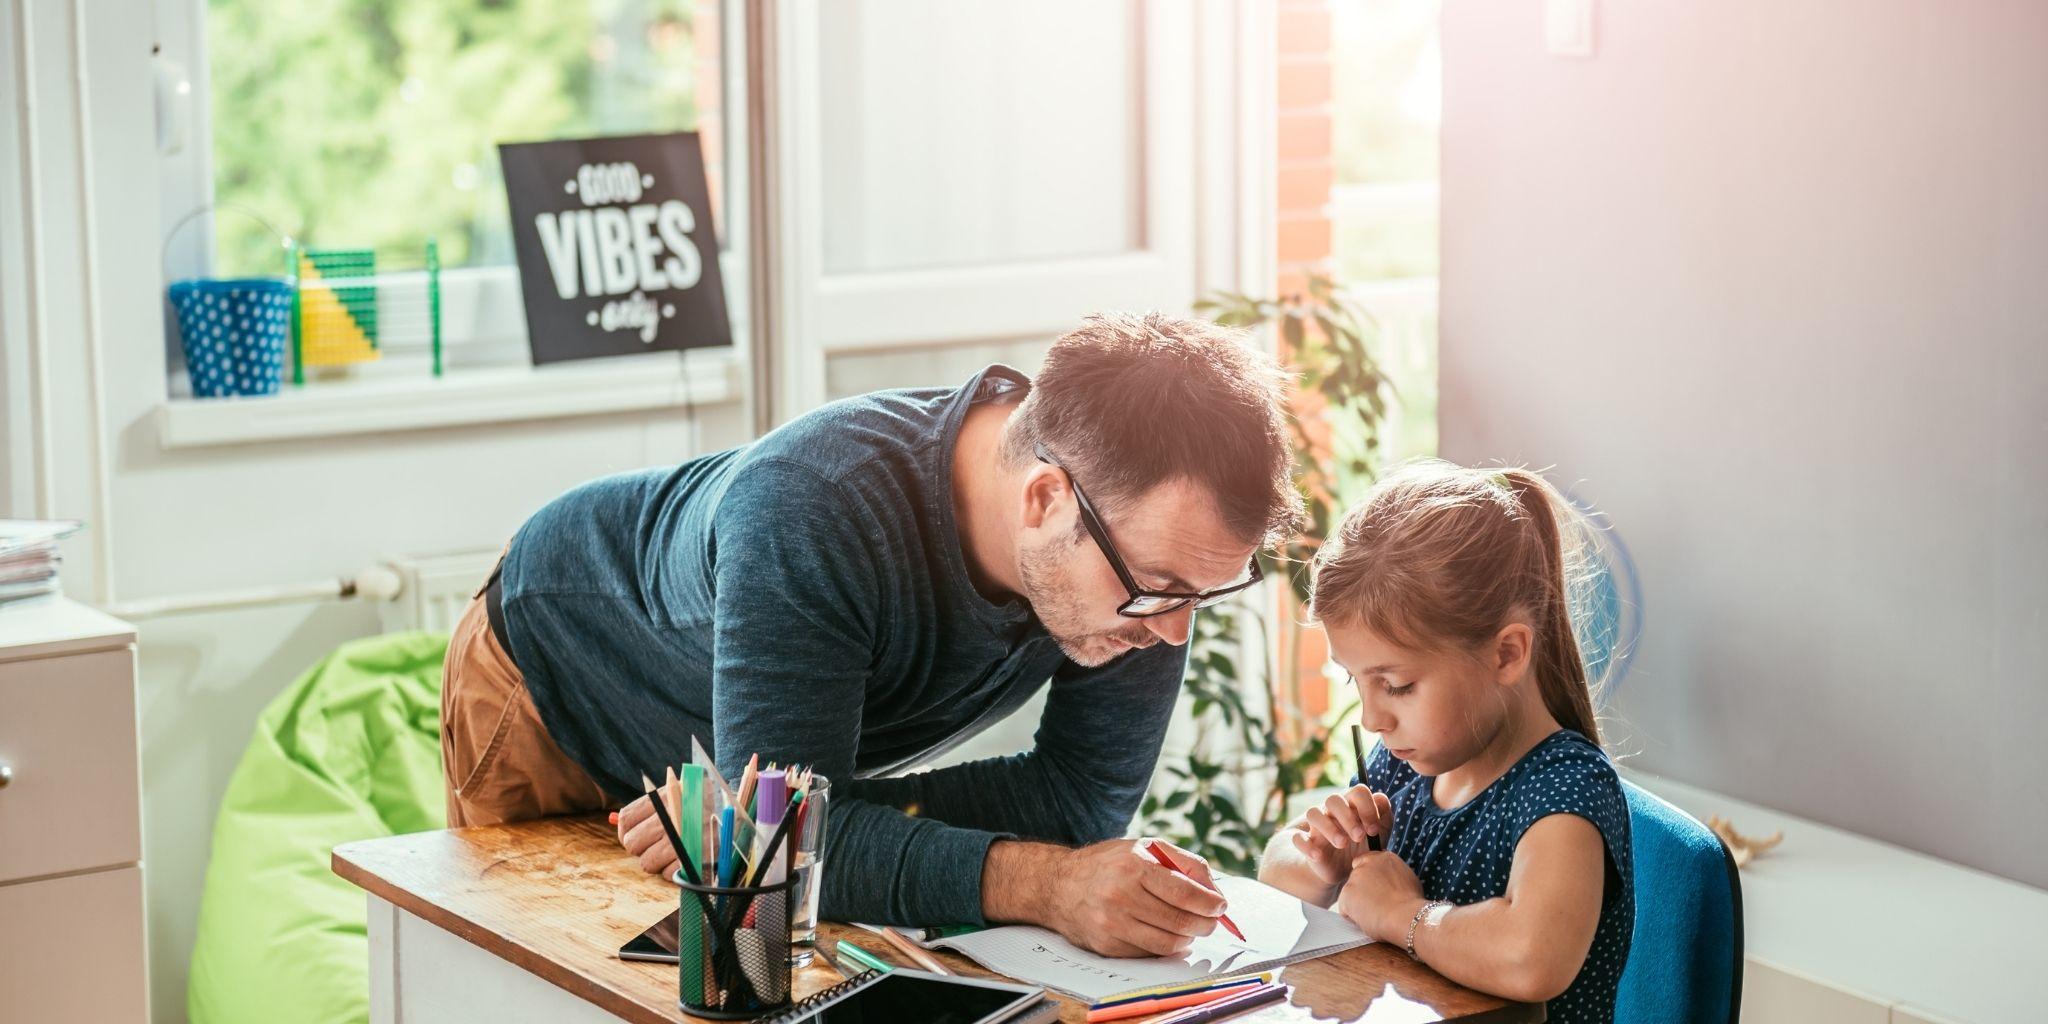 Costo baby sitter: considera l'aiuto compiti